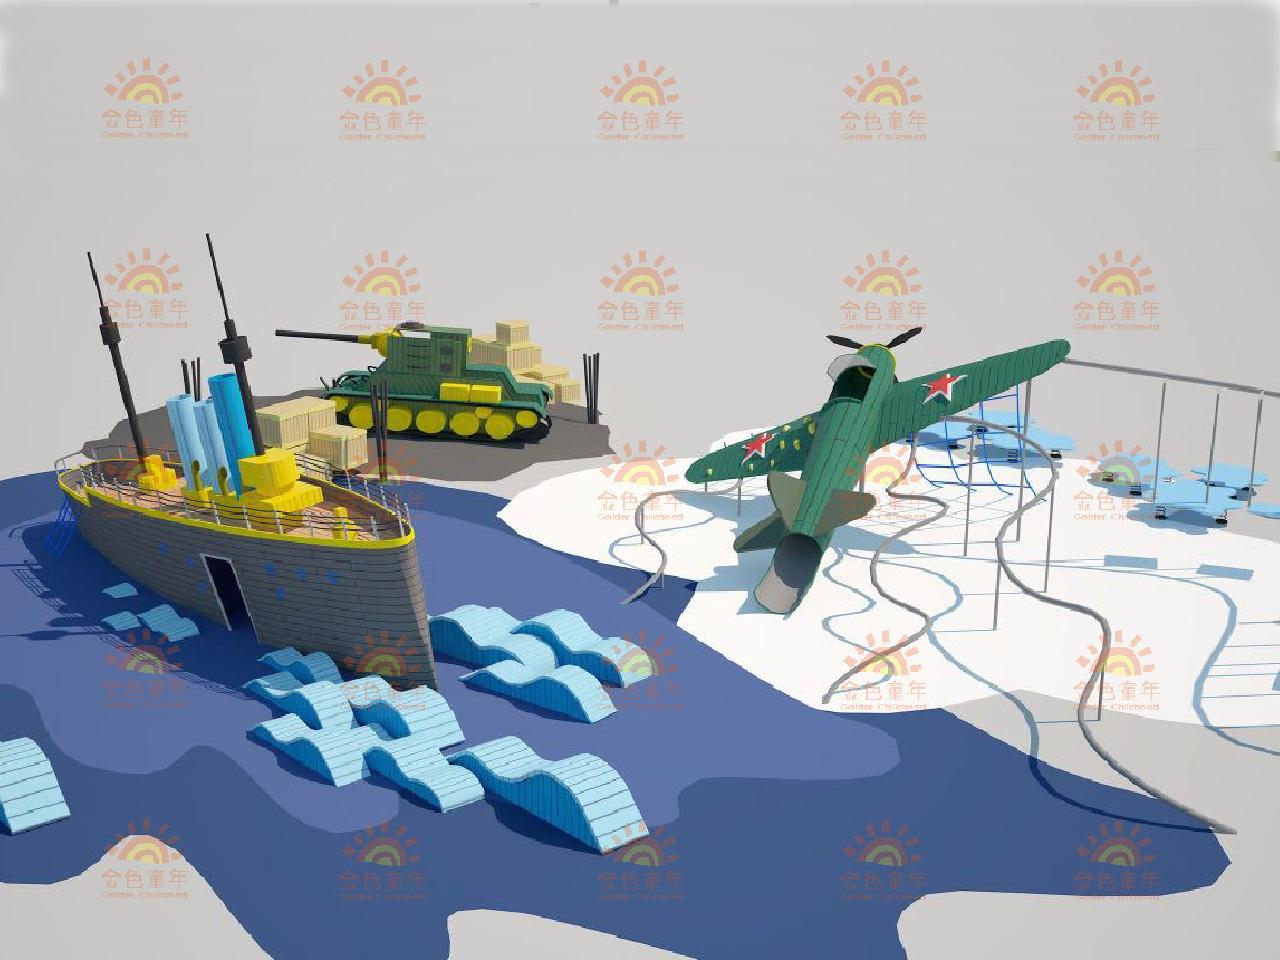 军事主题创意设计